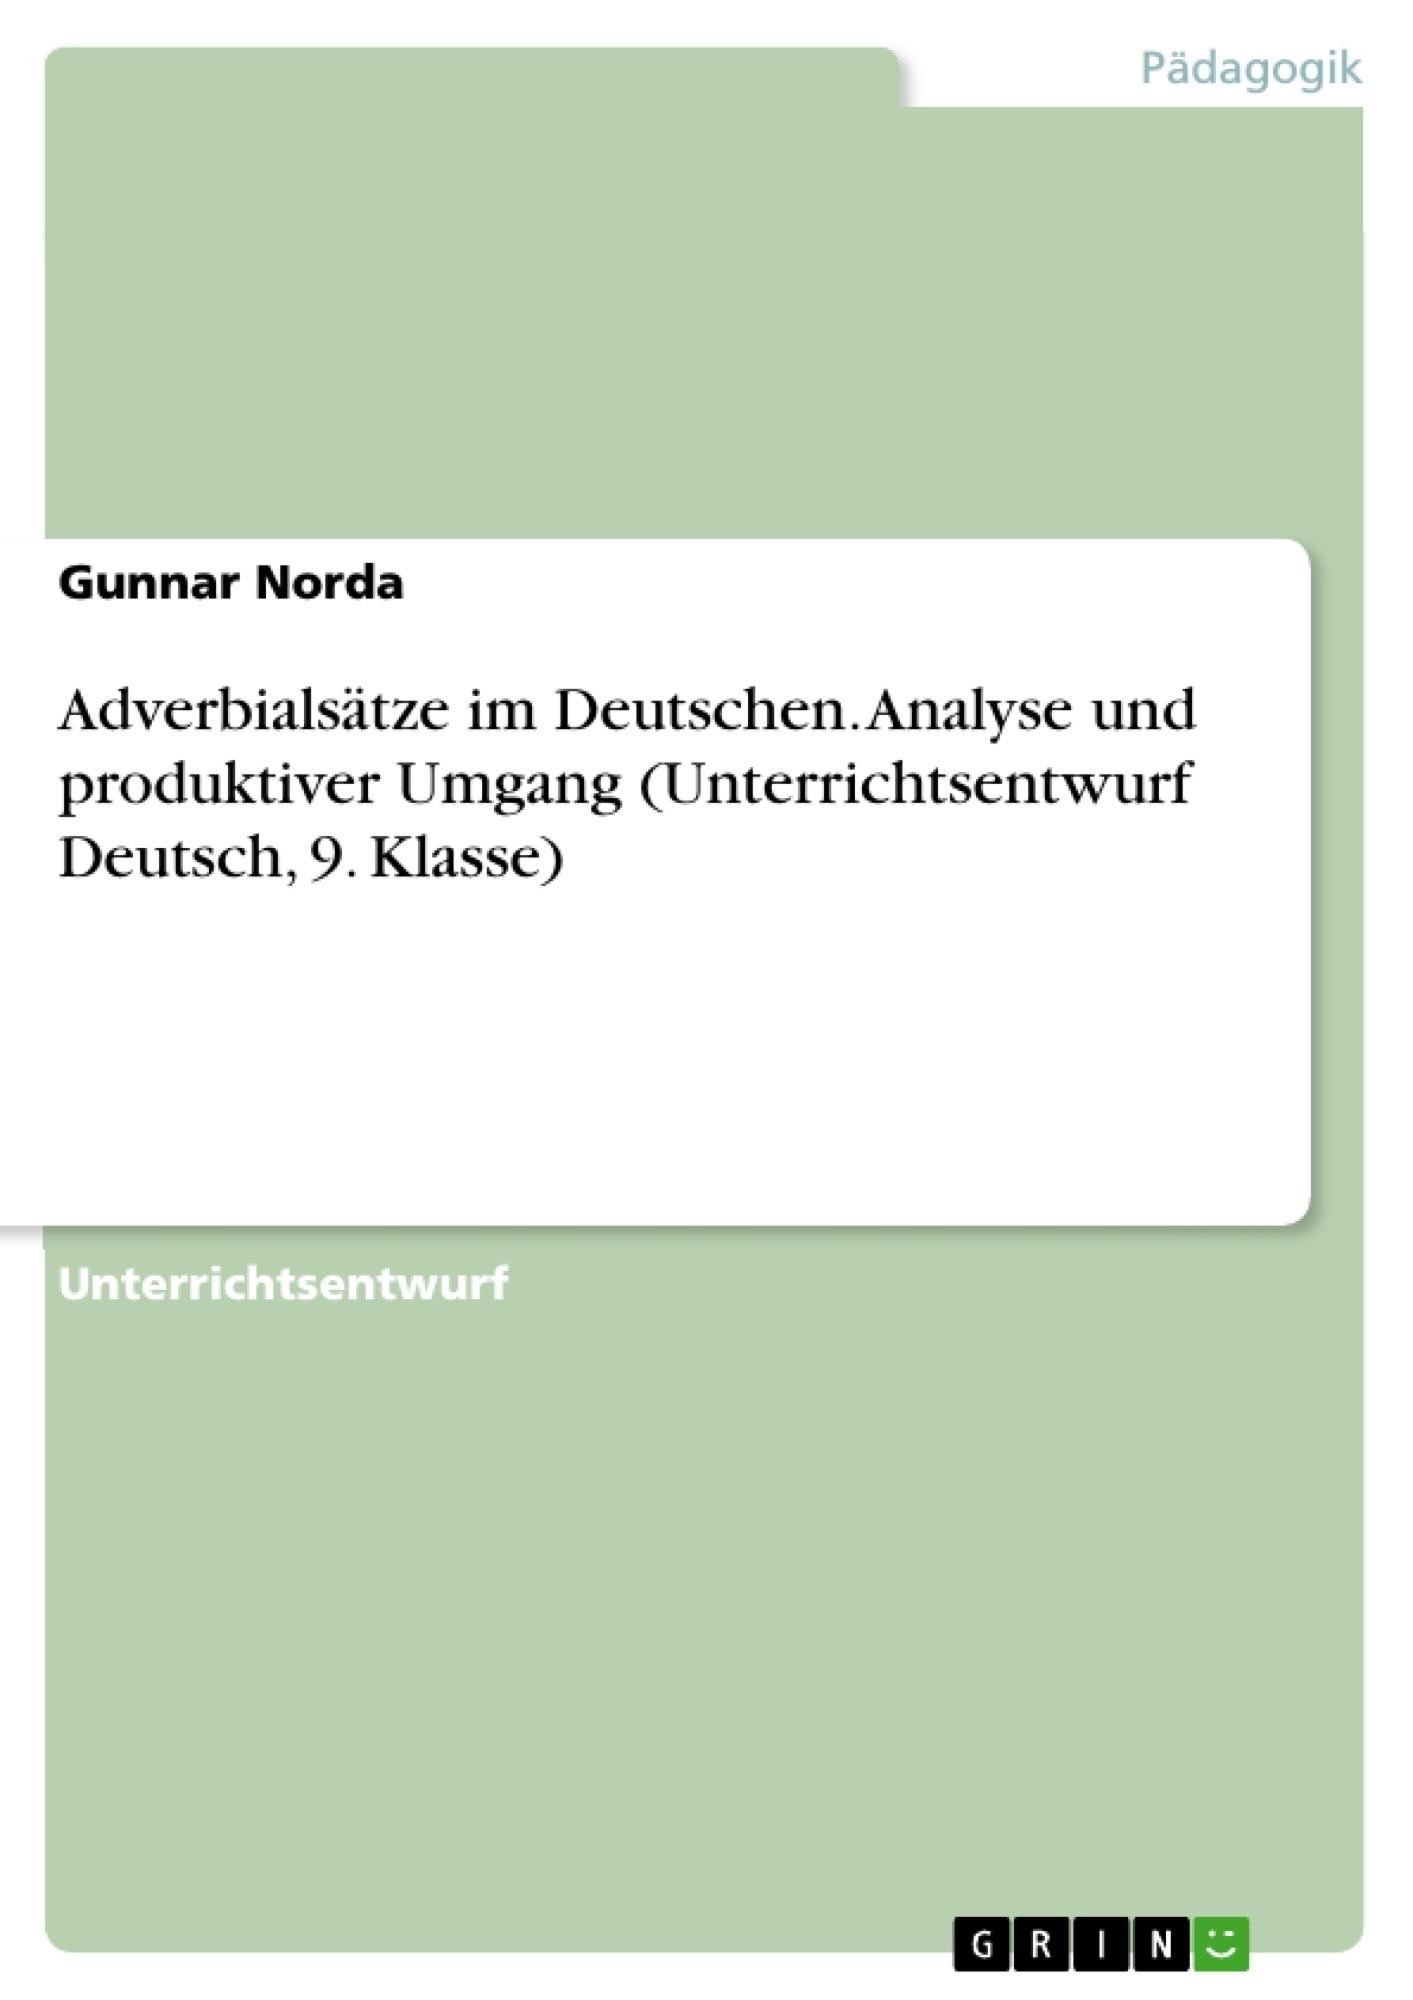 Titel: Adverbialsätze im Deutschen. Analyse und produktiver Umgang (Unterrichtsentwurf Deutsch, 9. Klasse)